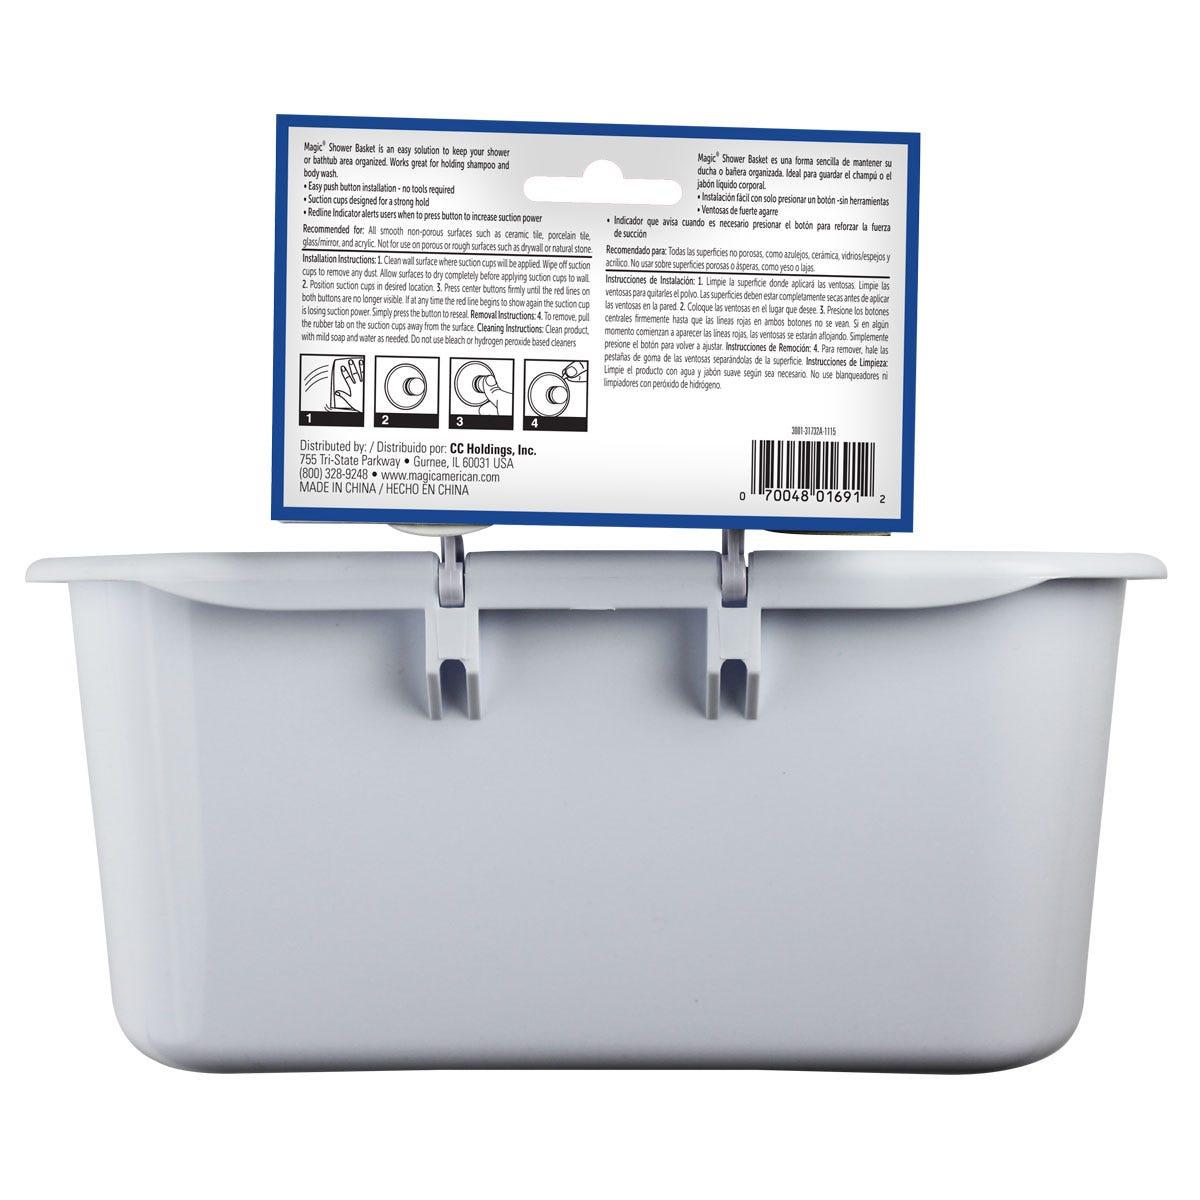 Shower Basket Back Label